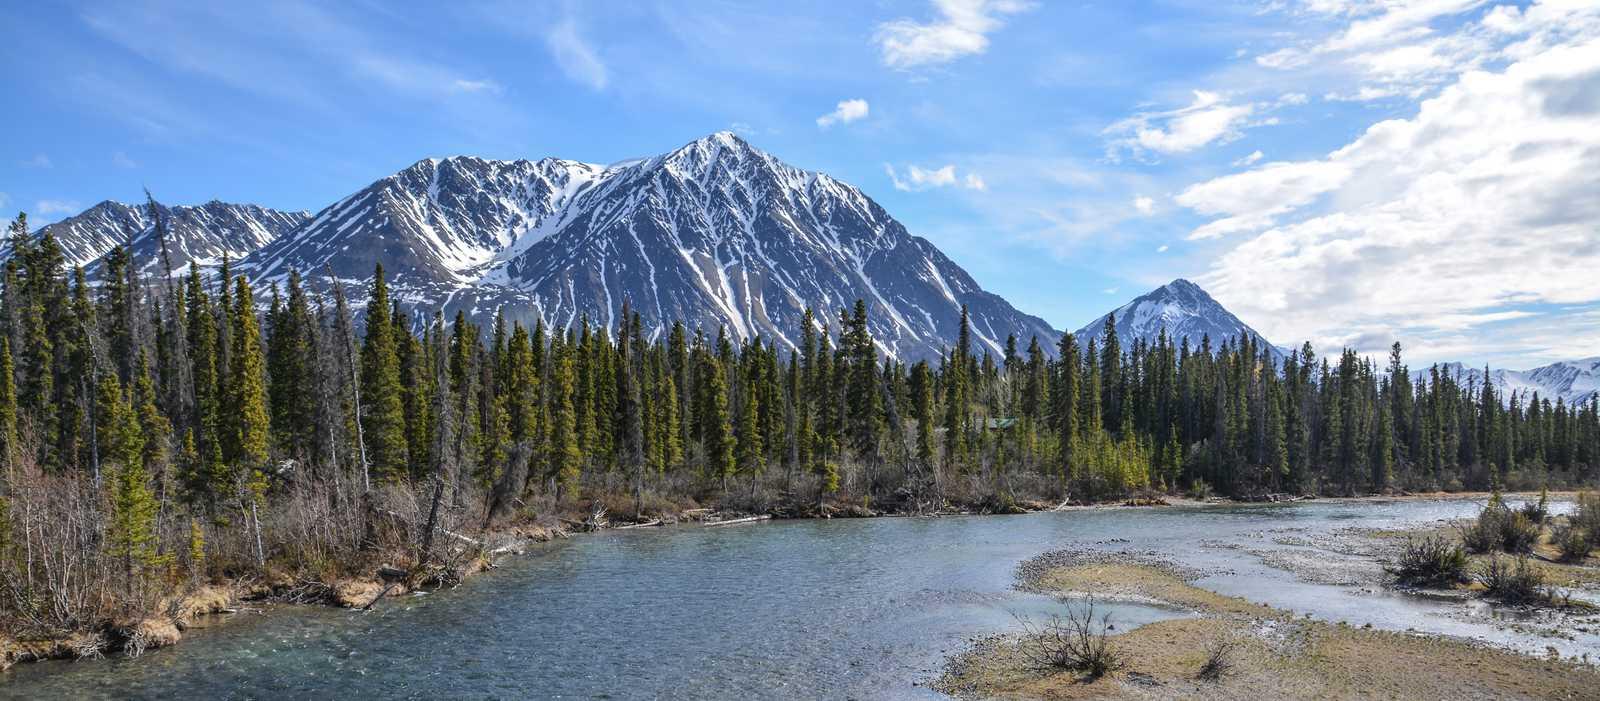 Aussicht auf das Bergpanorama des Kluane National Parks